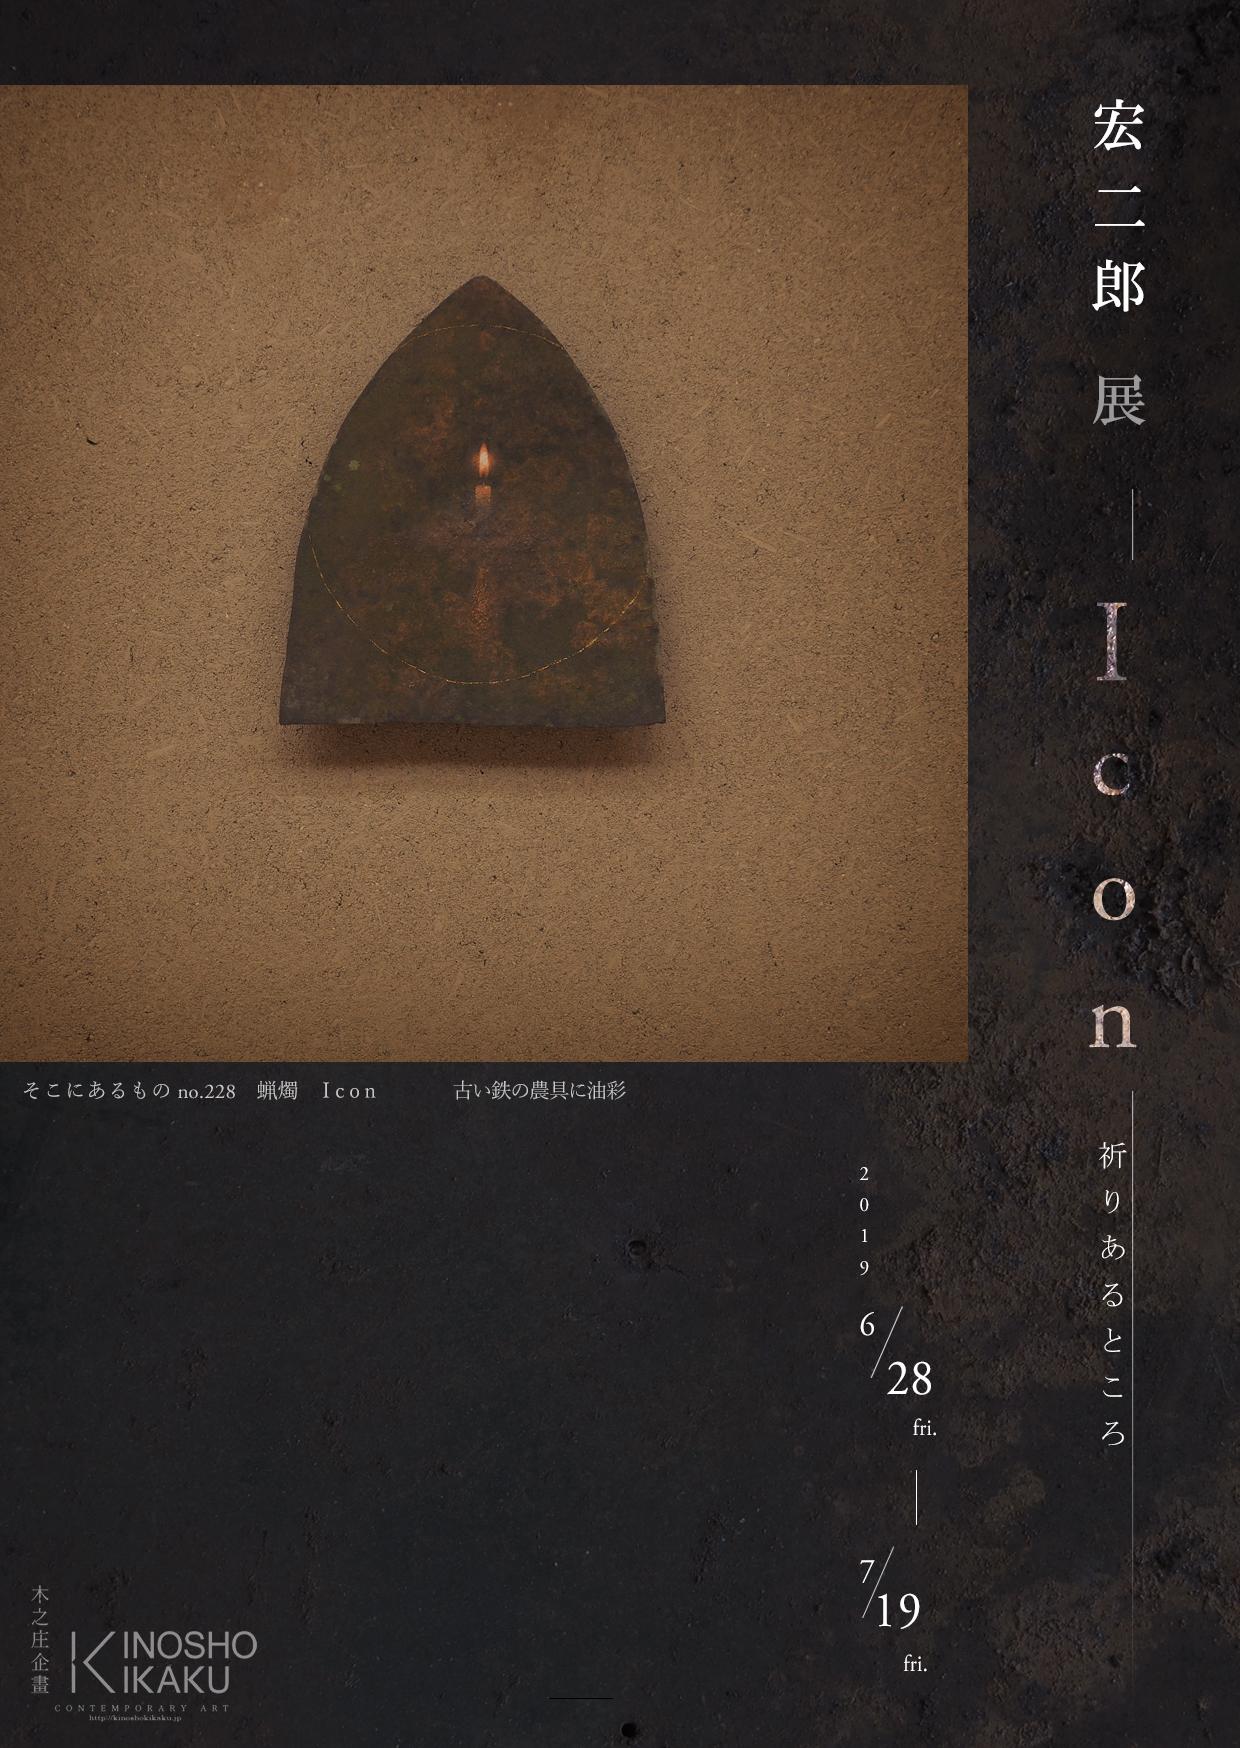 2019年 木之庄企画  宏二郎展DM(表)